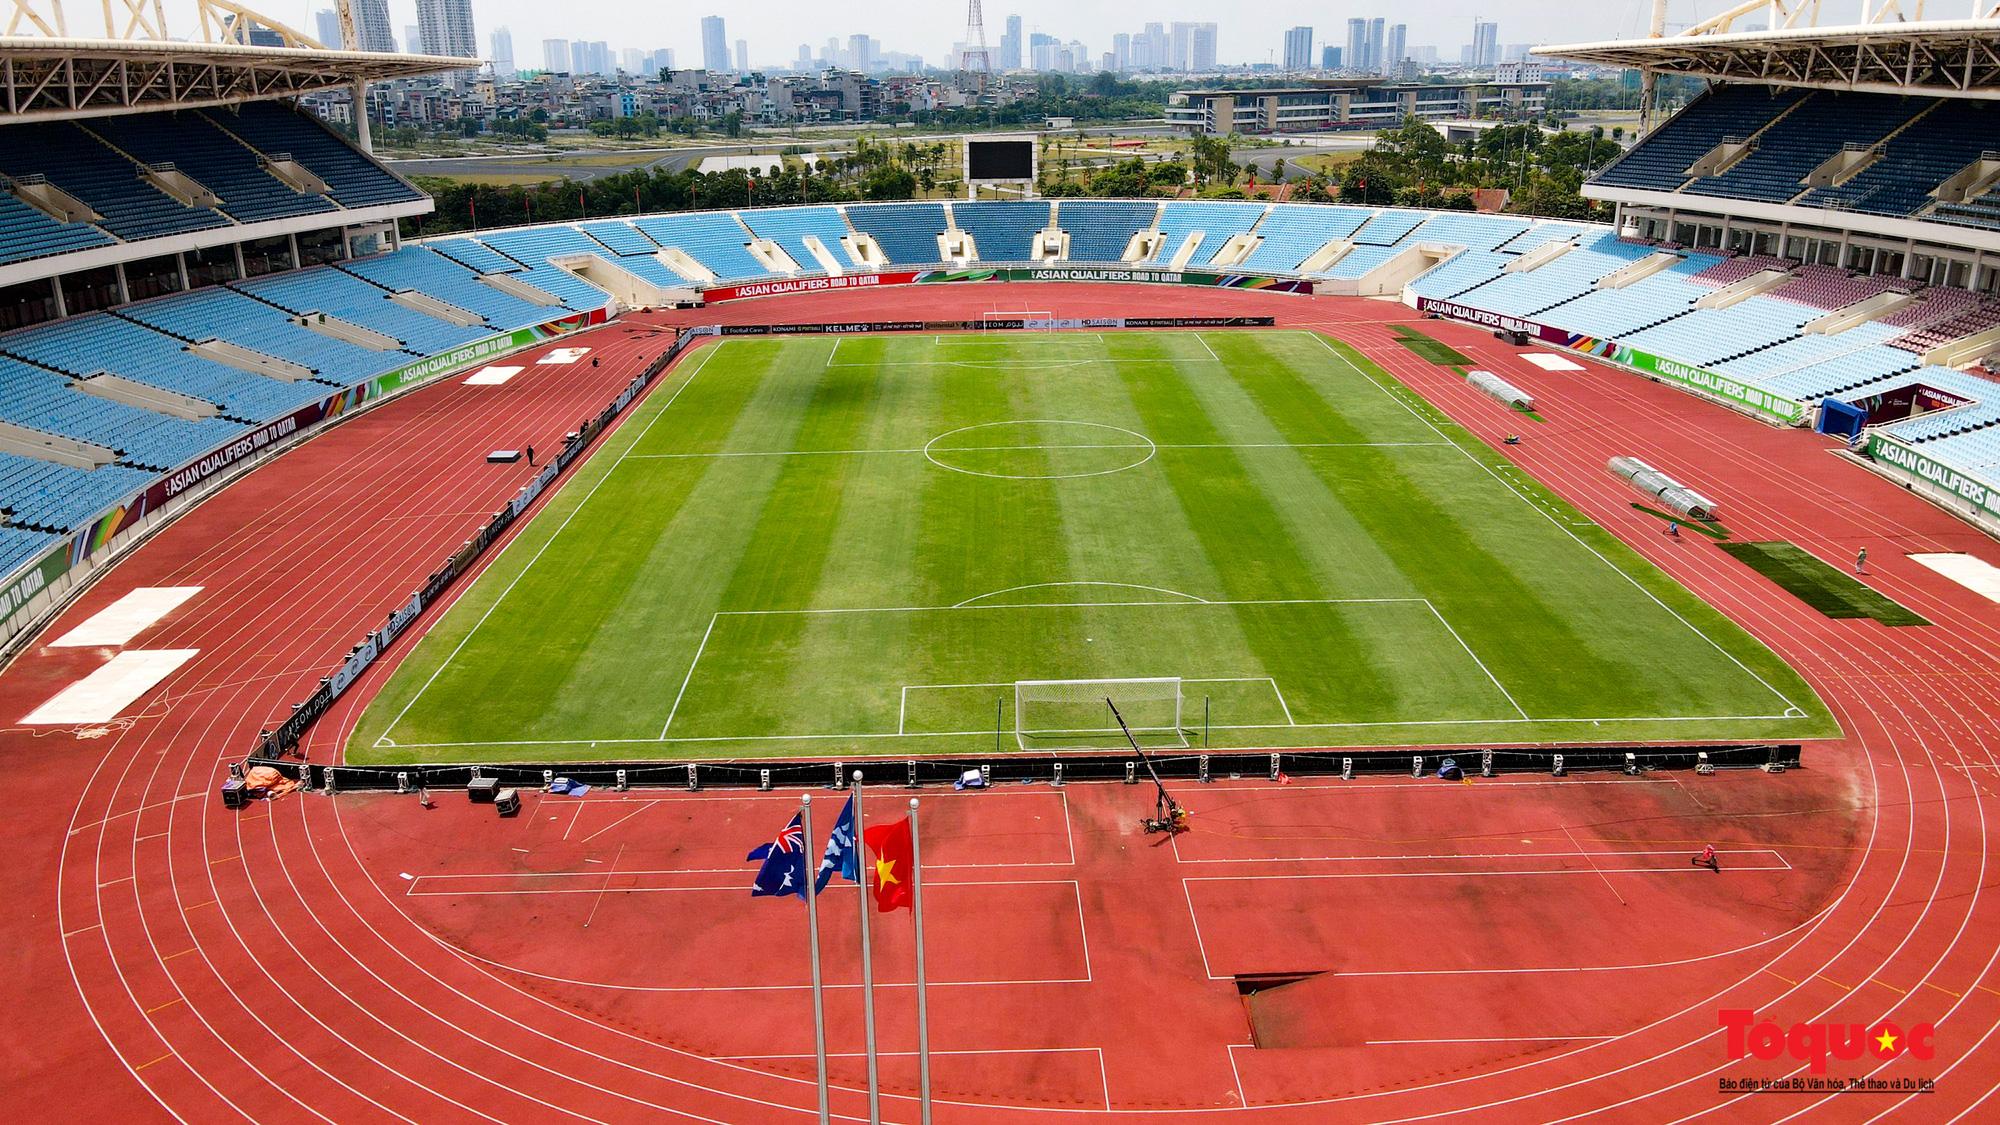 Đảm bảo an toàn tuyệt đối trận đấu giữa đội tuyển Việt Nam và Úc vòng loại thứ 3 World Cup 2022 khu vực châu Á - Ảnh 16.